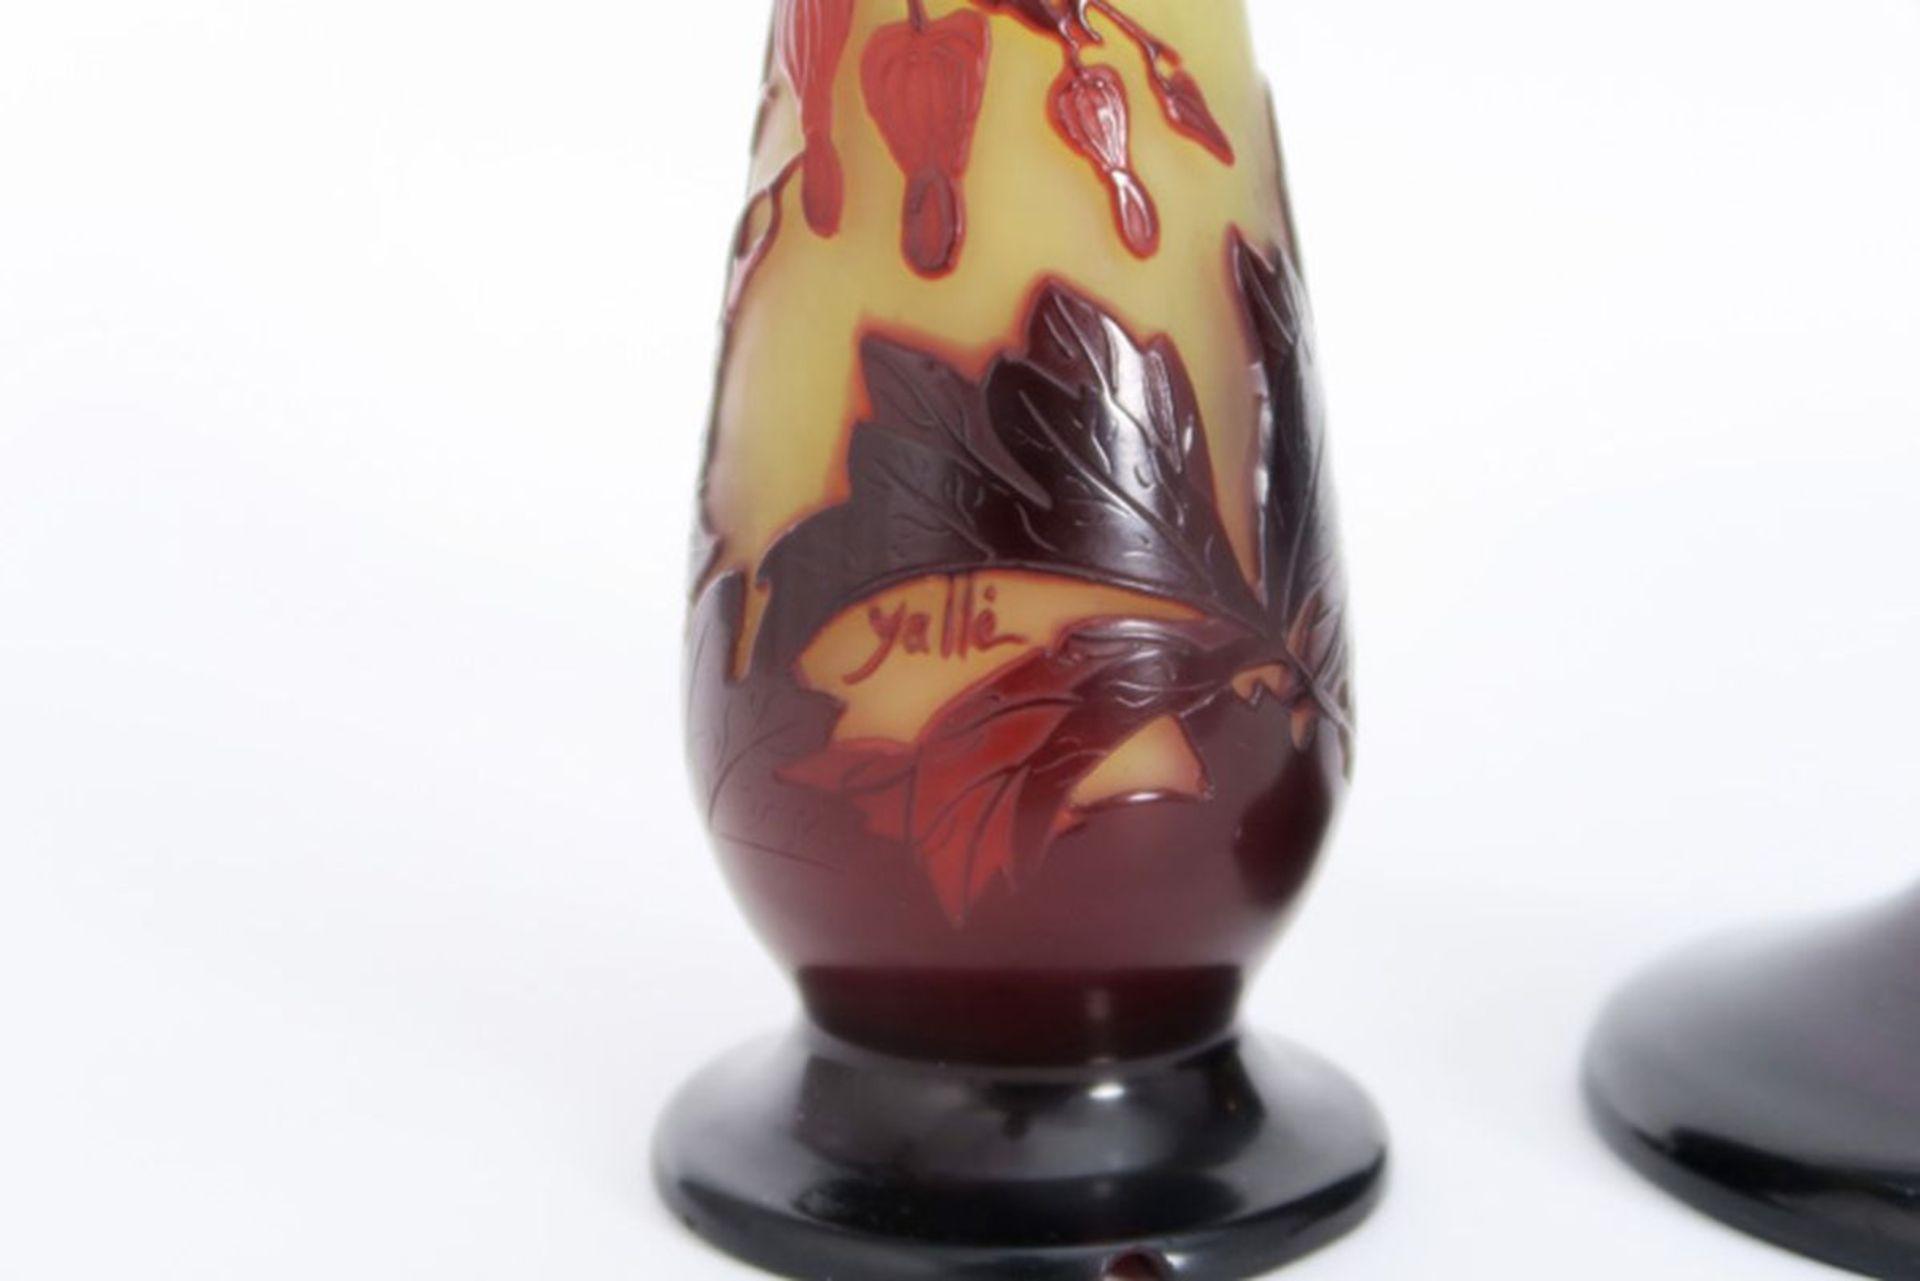 GALLÉ lot met twee Art Nouveau-vaasjes (lampevoeten) in meerlagige glaspasta, één [...] - Bild 3 aus 4